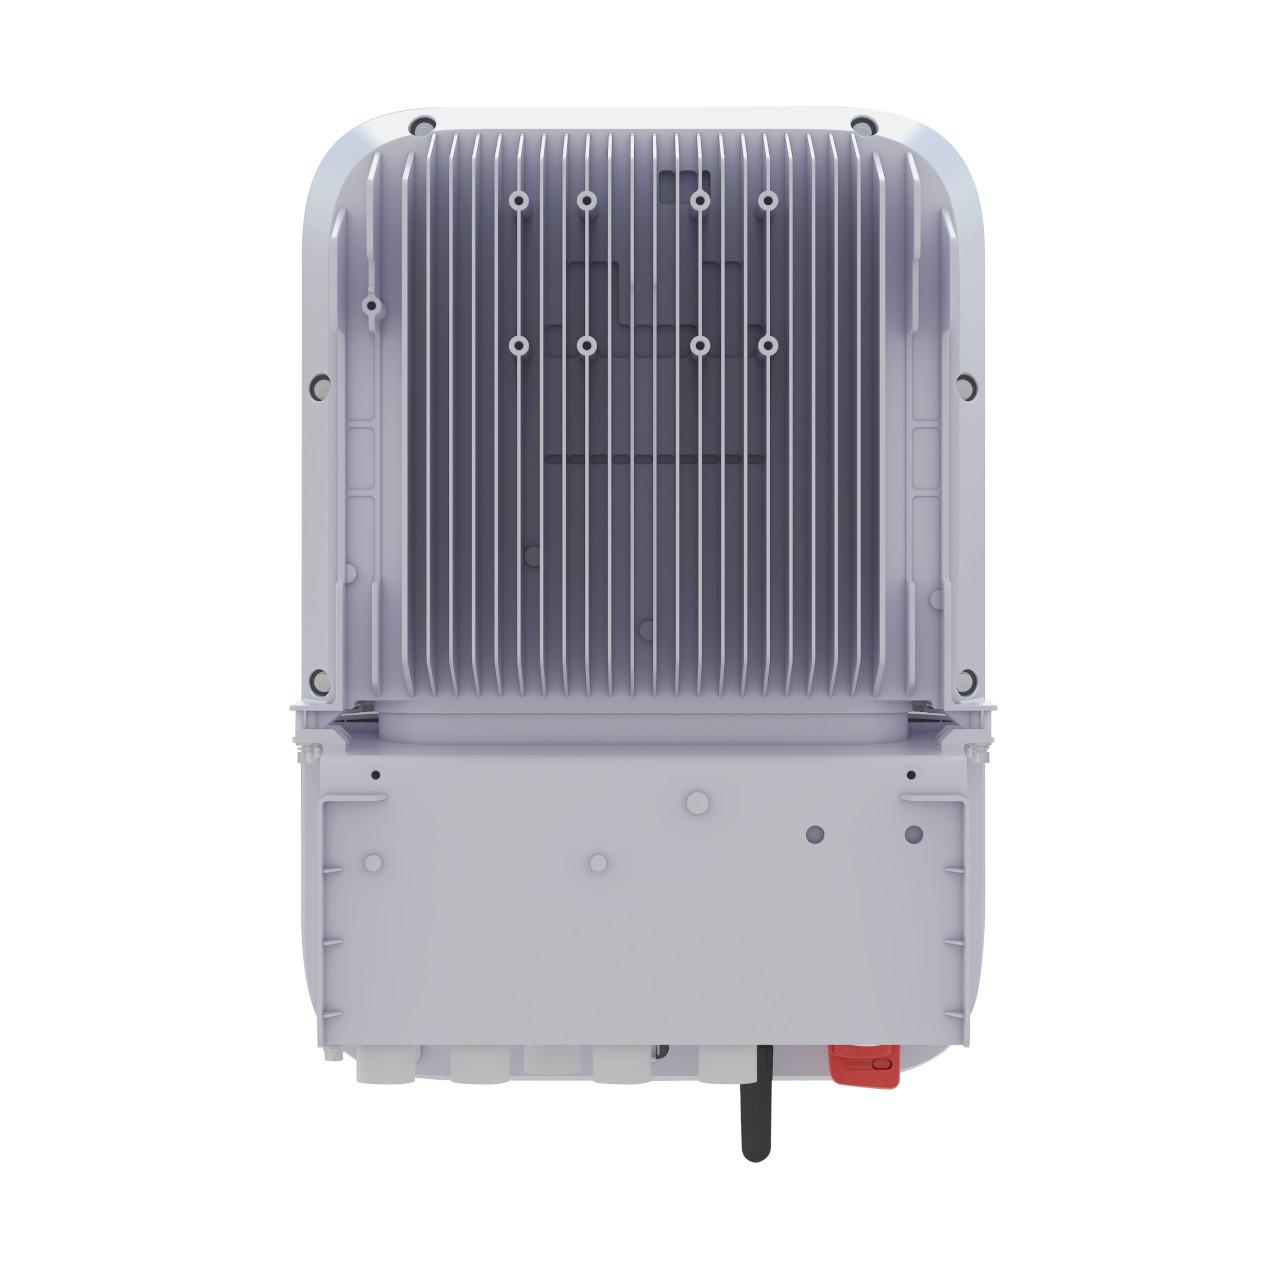 Huawei - 10KTL-USL0-WIFI-Back